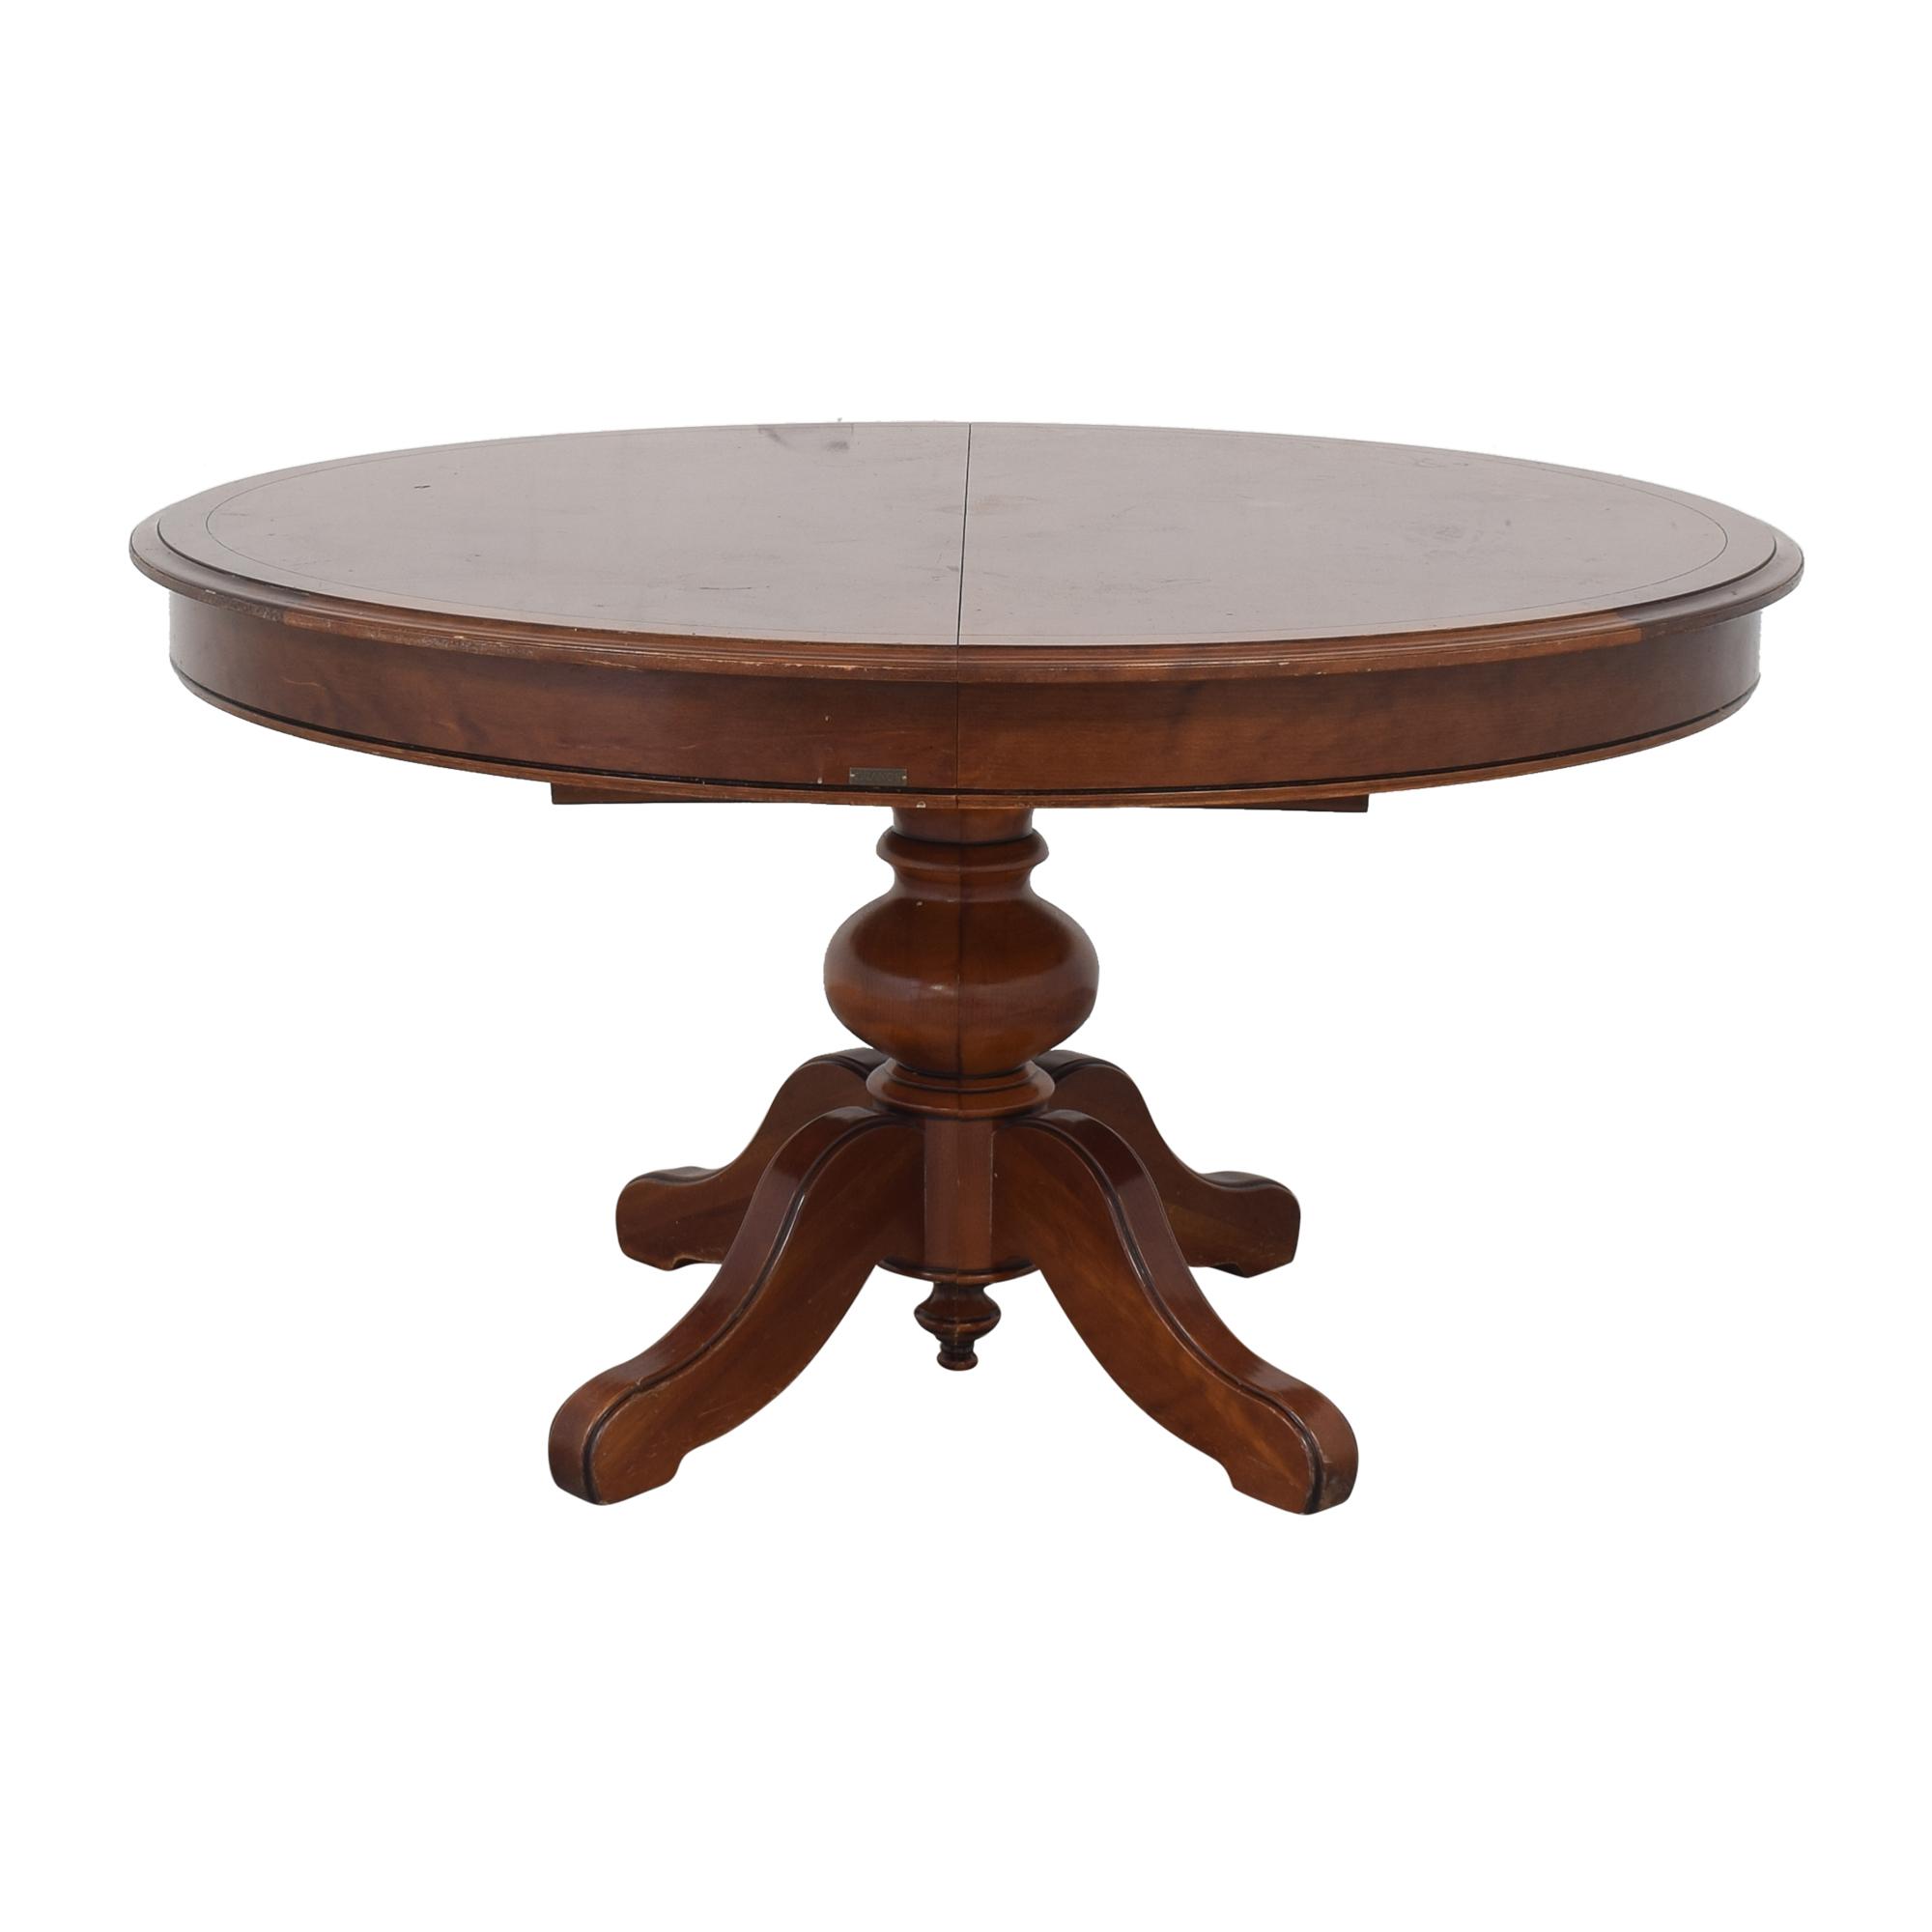 Grange Grange France Cherry Wood Extending Dining Table brown